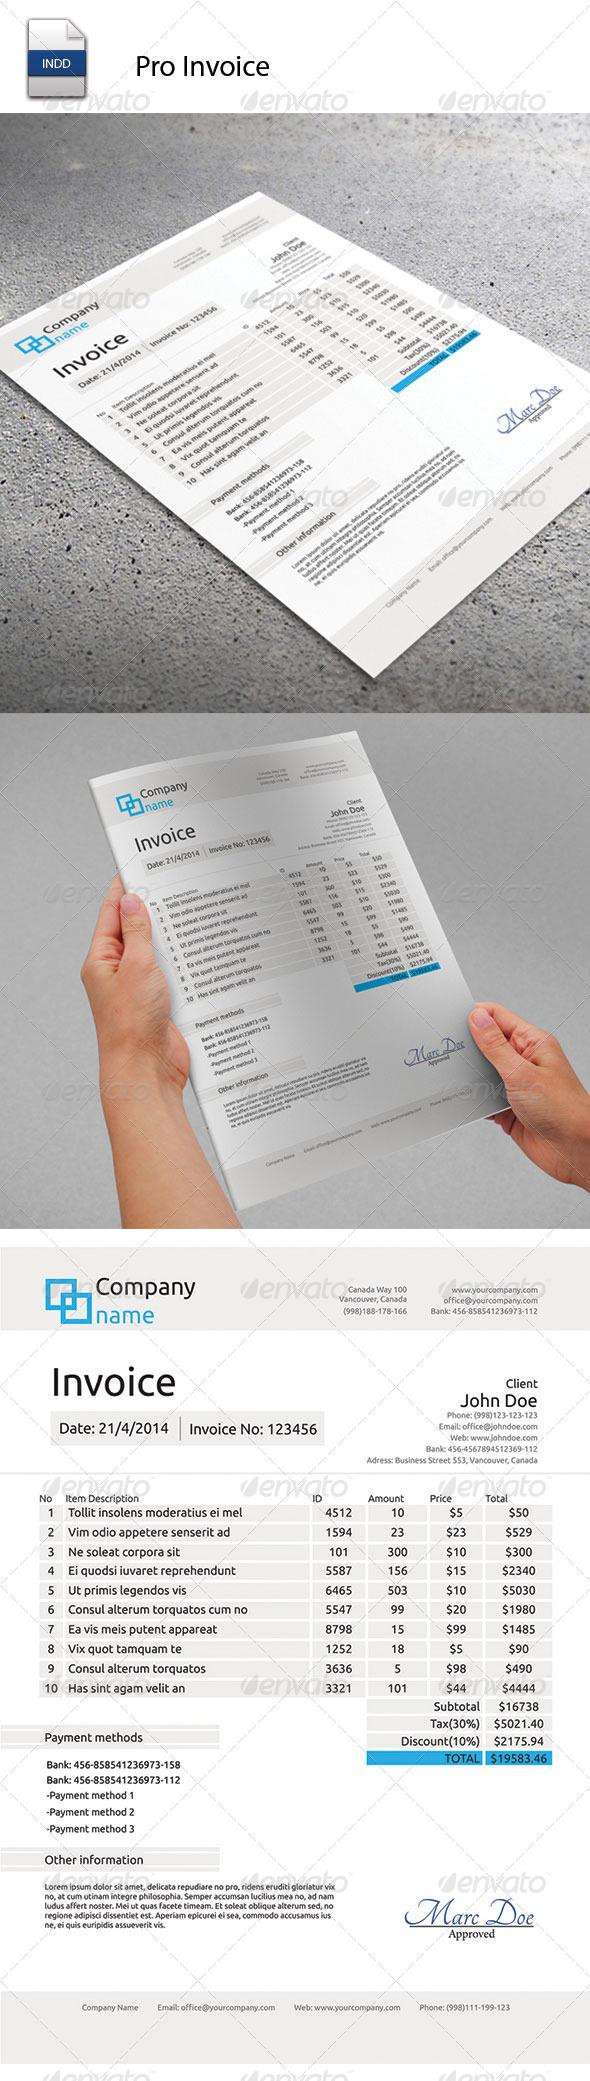 GraphicRiver Pro Invoice 5578228